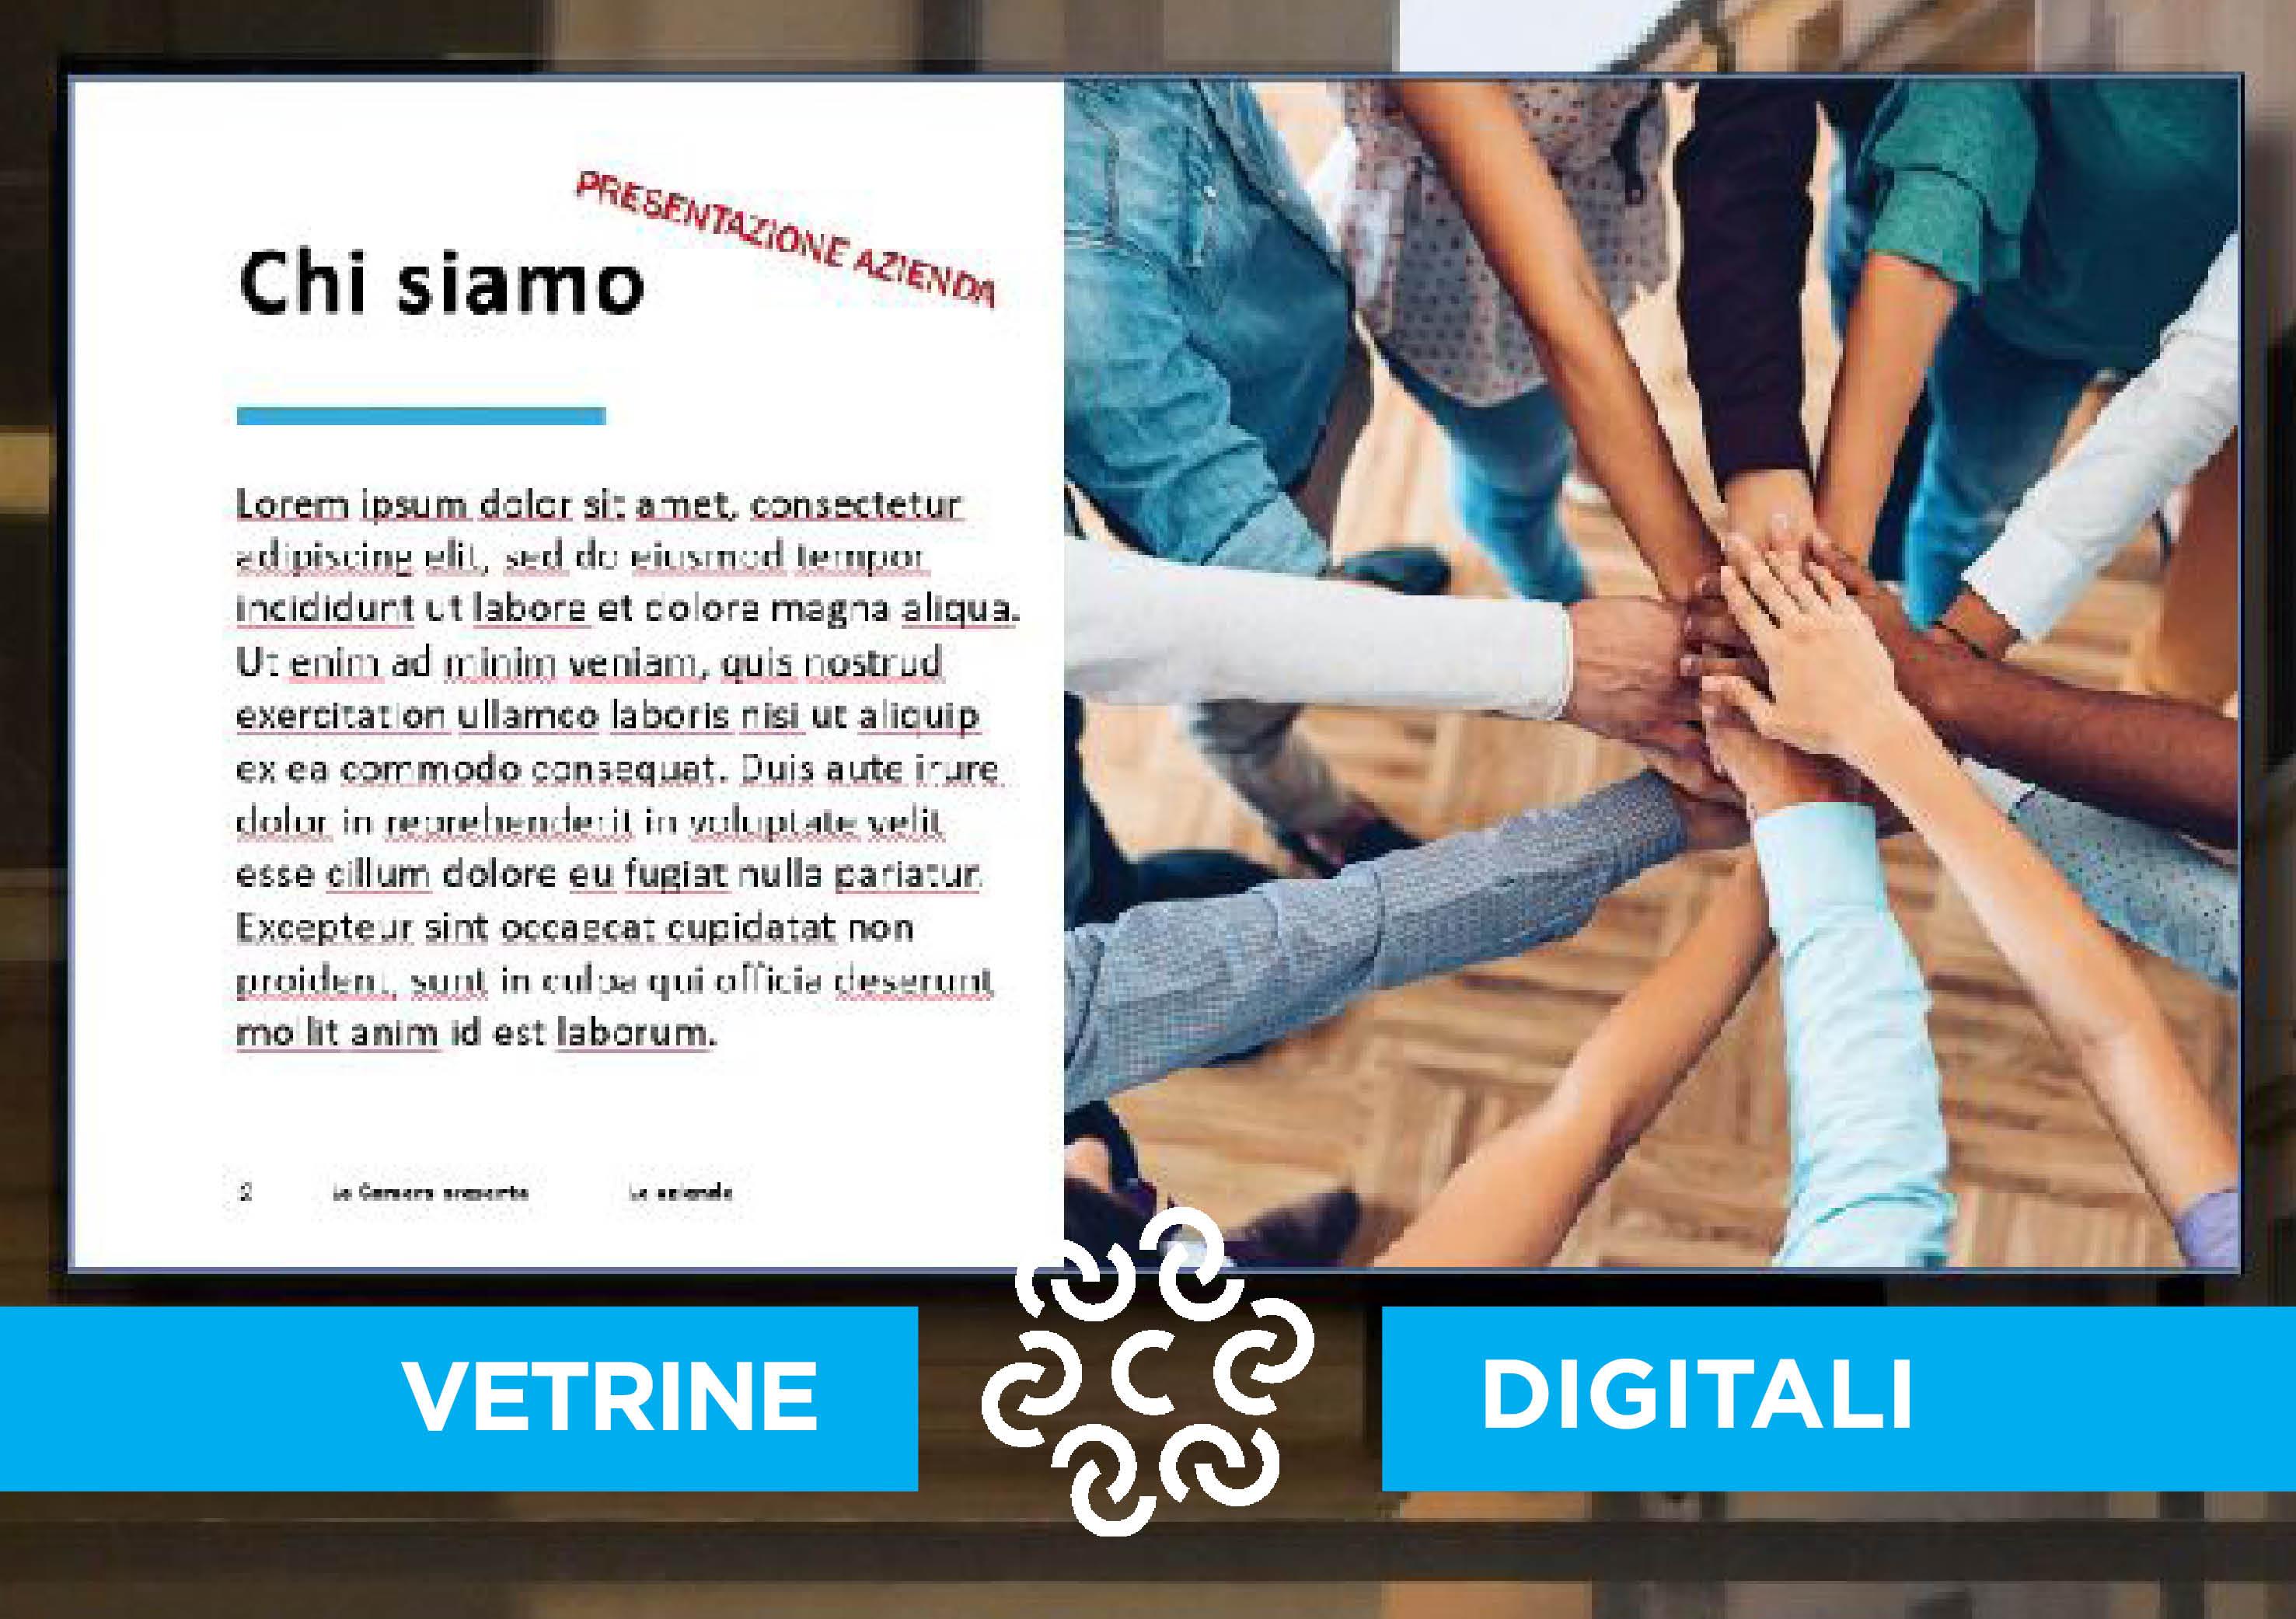 Le Vetrine Digitali: progetto per la promozione delle aziende del territorio